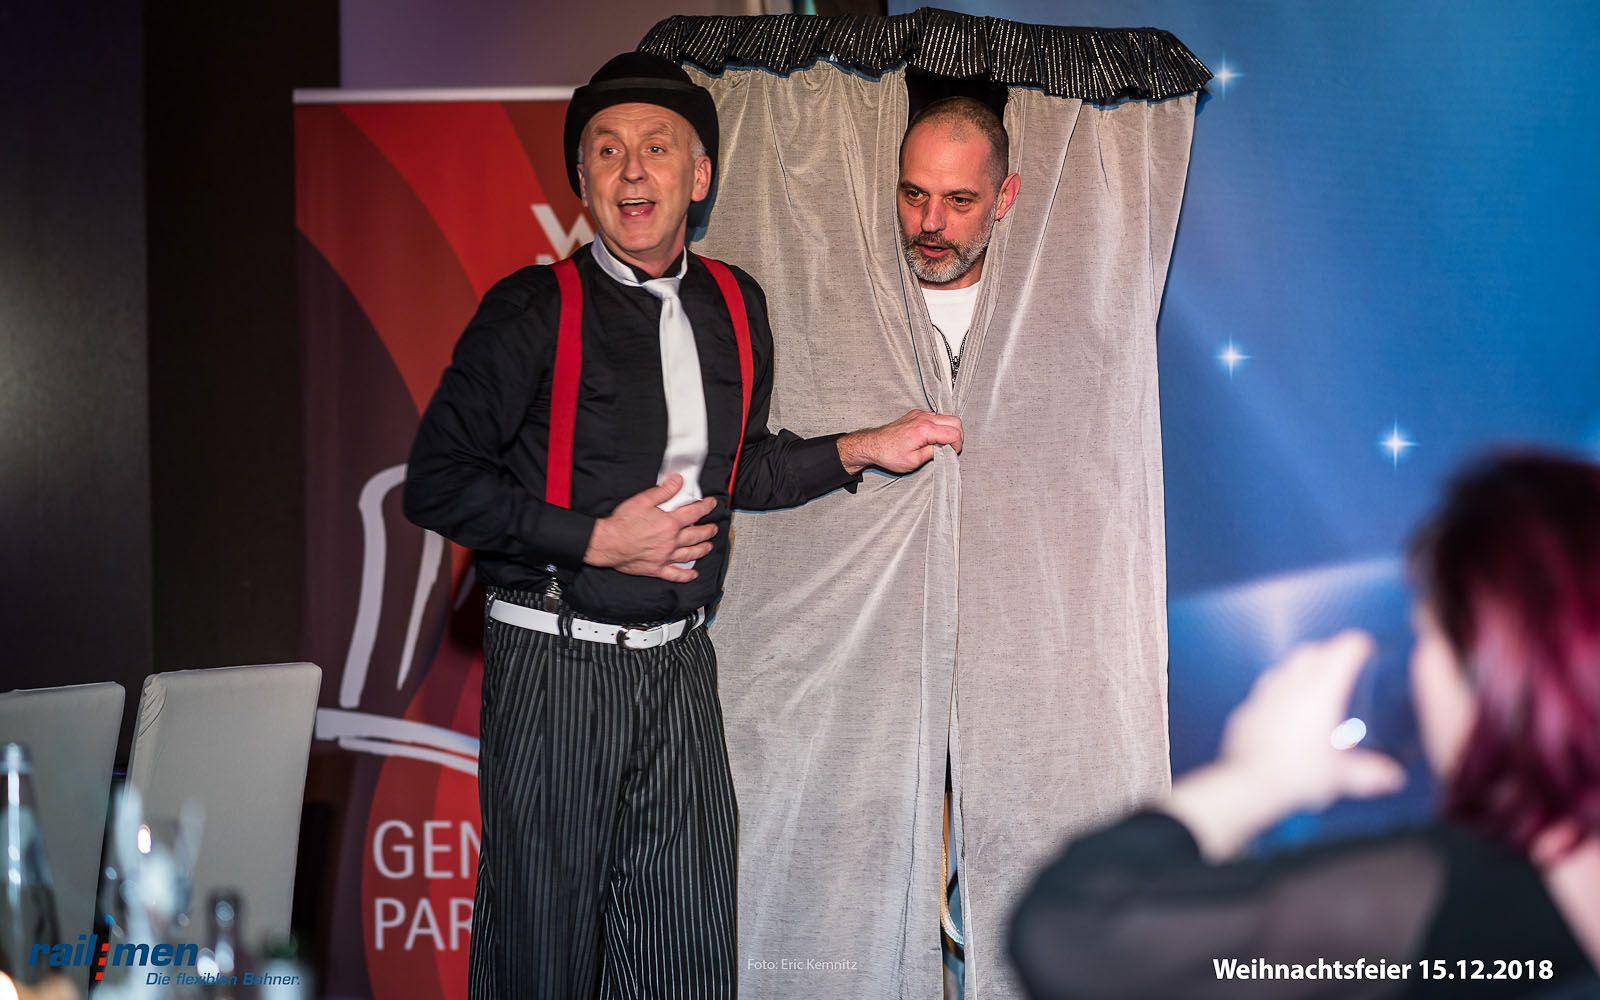 Railmen Mitarbeiter als Zauberlehrling zur Weihnachtsfeier 2018